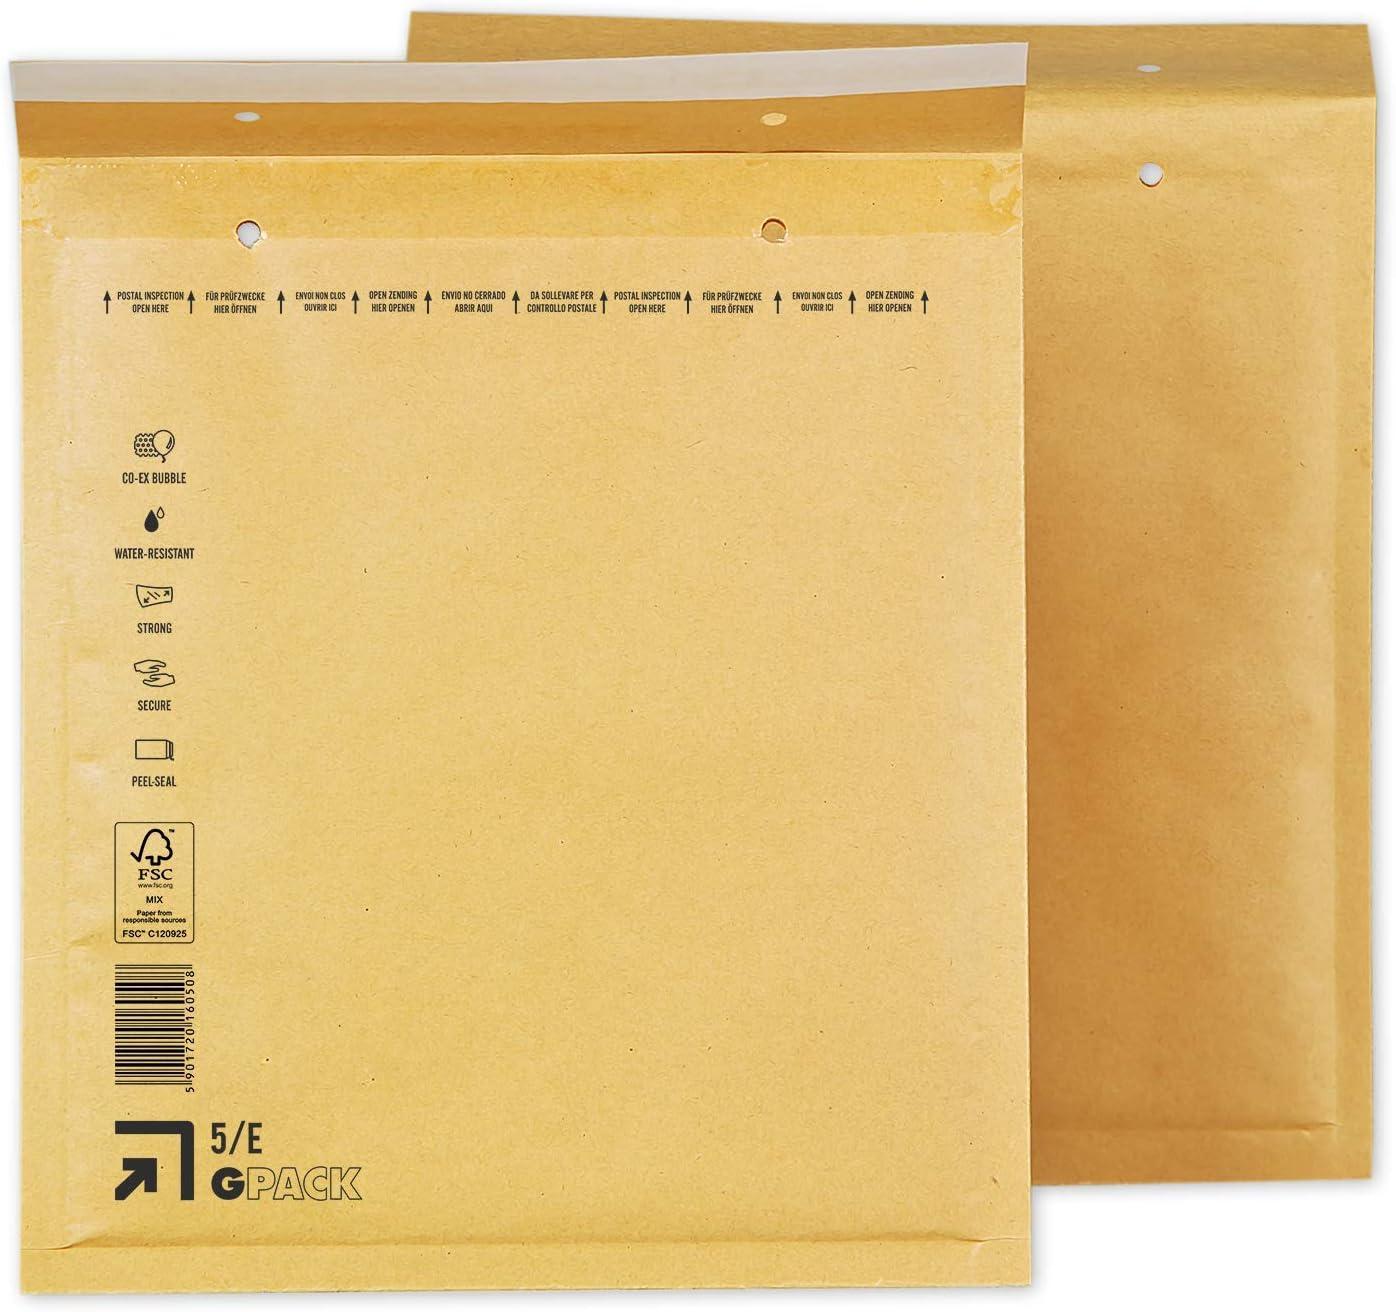 außen 140x230 100x Premium Luftpolster Versandtaschen gold Größe B2 120x220mm